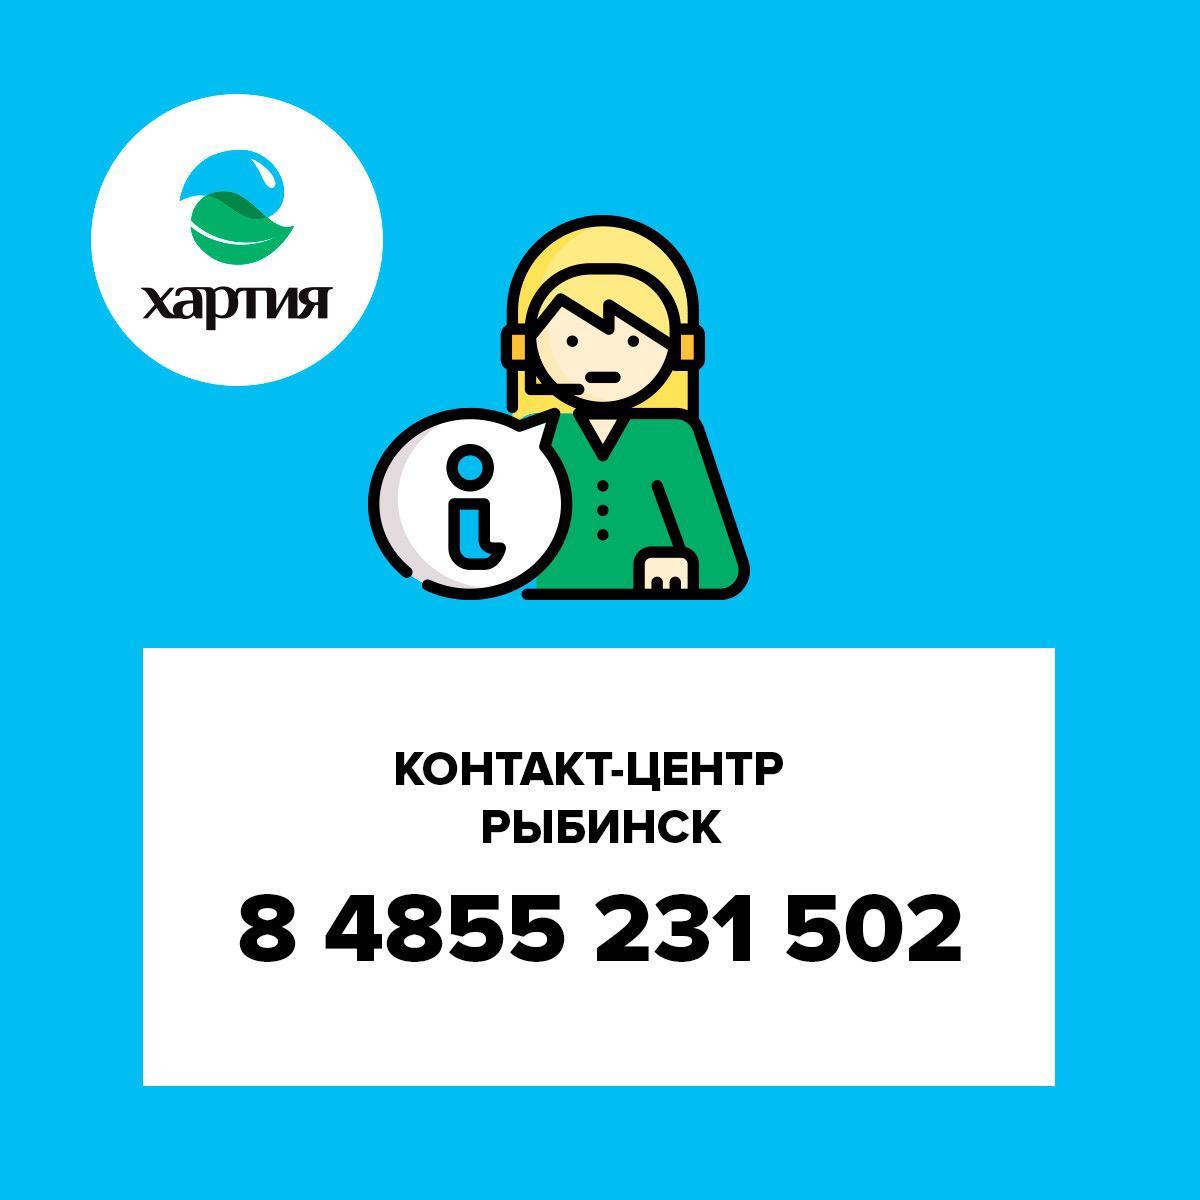 В Рыбинске начал действовать контакт-центр компании «Хартия»